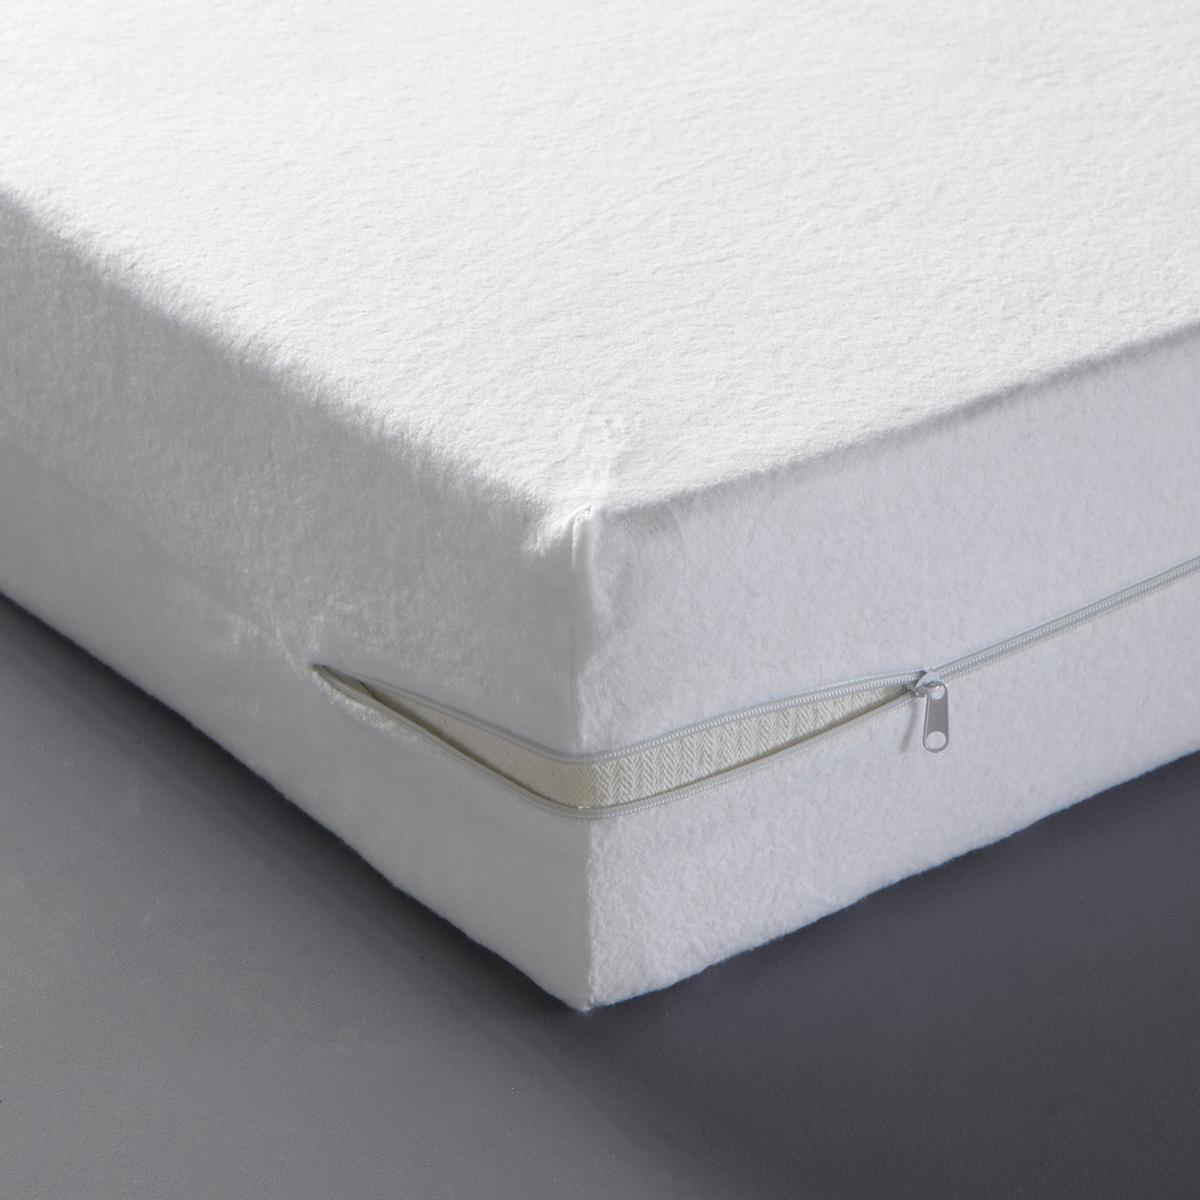 Наматрасник цельный двухсторонийЛегко надевается благодаря молниям с двух сторон. Двухсторонний наматрасник качества BEST 2-в-1 : 1 сторона из мольтона стретч с коротким начесом: 80 % хлопка, 20 % полиэстера, 1 сторона с микро-дышащим покрытием из полиуретана  (высокий комфорт и надежная защита, отвод влагоиспарений при полной водонепроницаемости).Пропитка Proneem® против клещей, безвредная и экологически чистая, на растительной основе (лимон, лаванда и эвкалипт).Для матраса толщиной 16 - 25 см.Уход : Машинная стирка при 60 °С. Качество BEST.<br><br>Цвет: белый